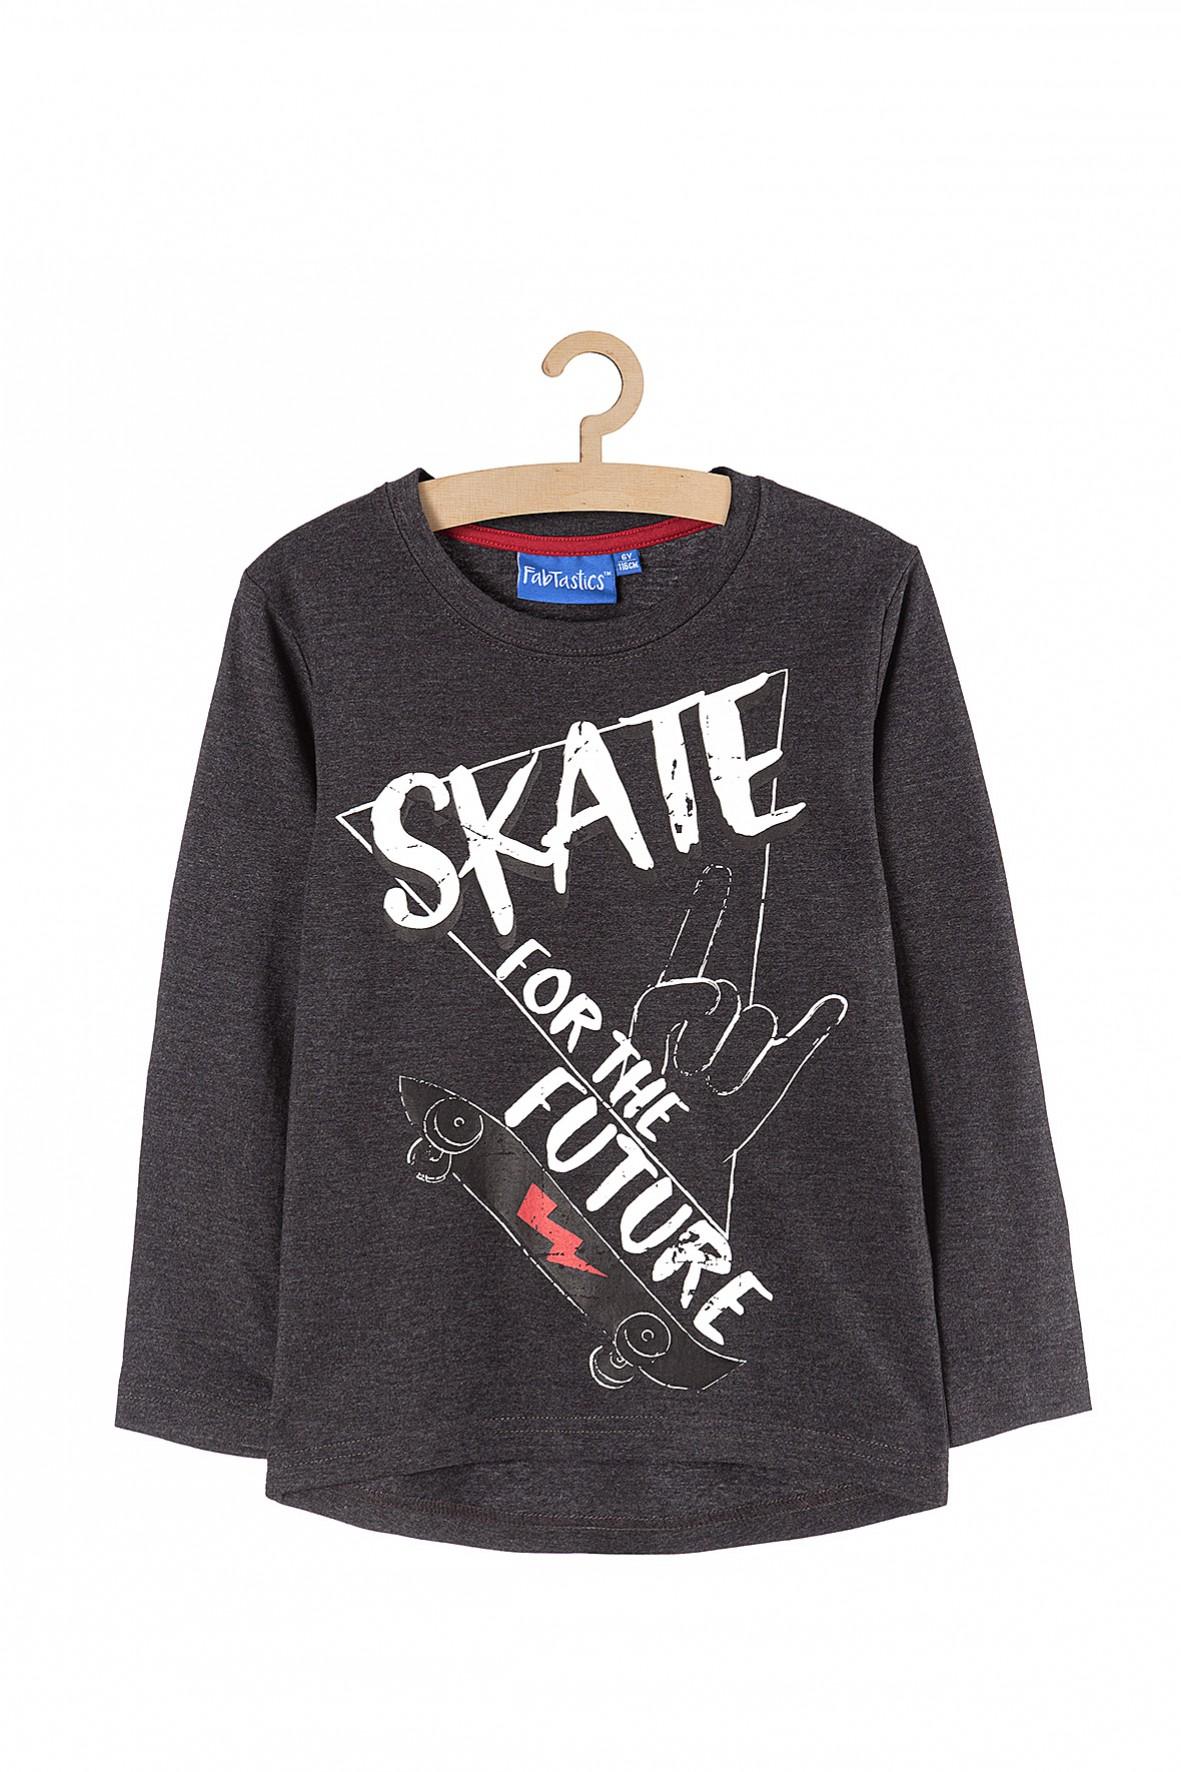 Bluzka chłopięca szara z napisem Skate